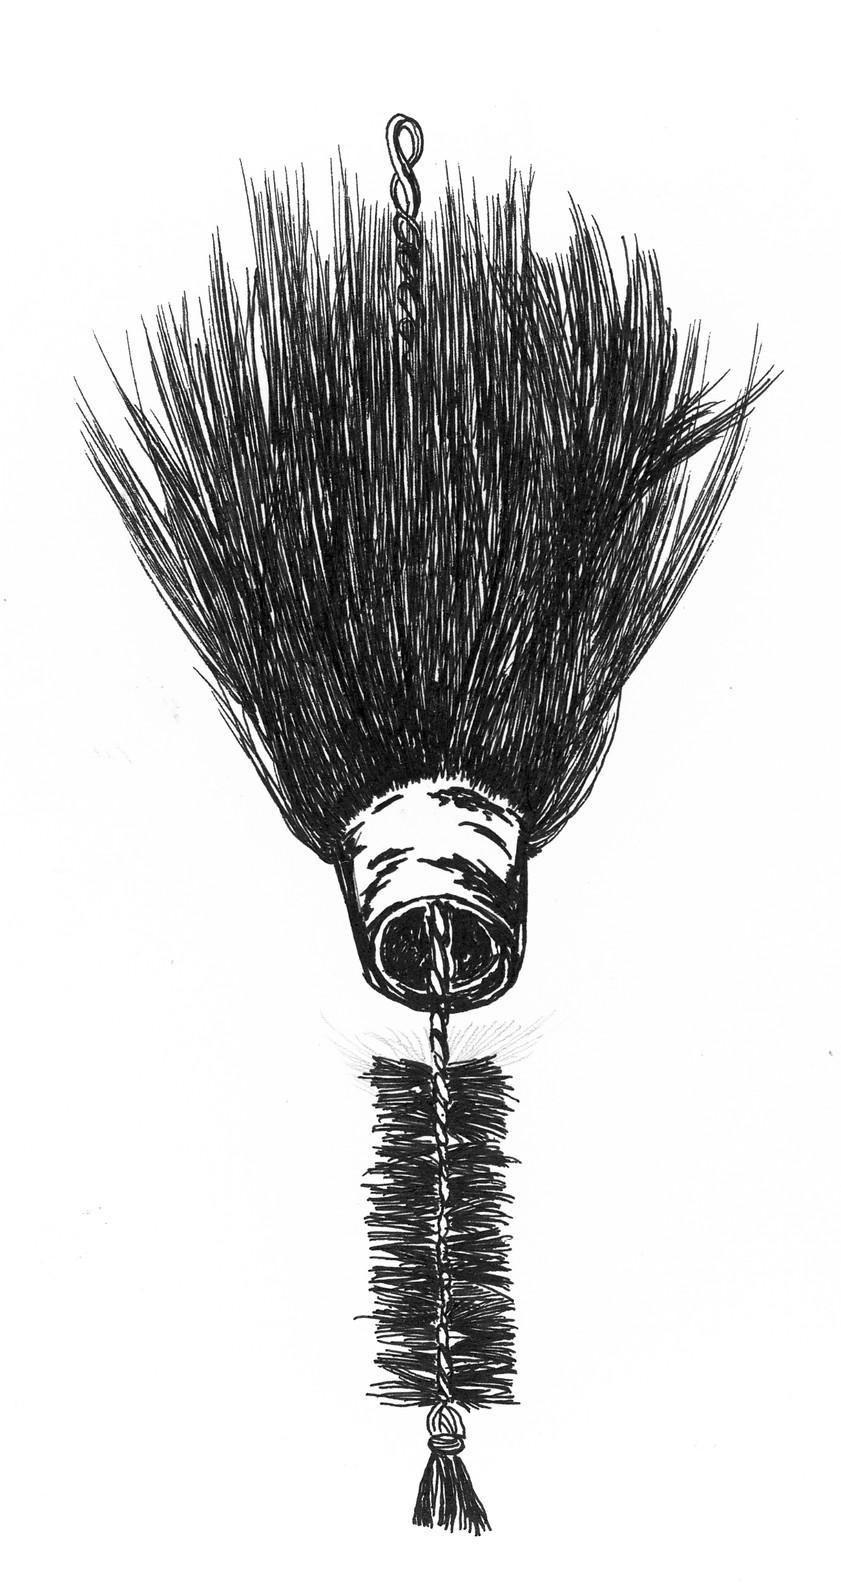 Ruhama - Drawing 9